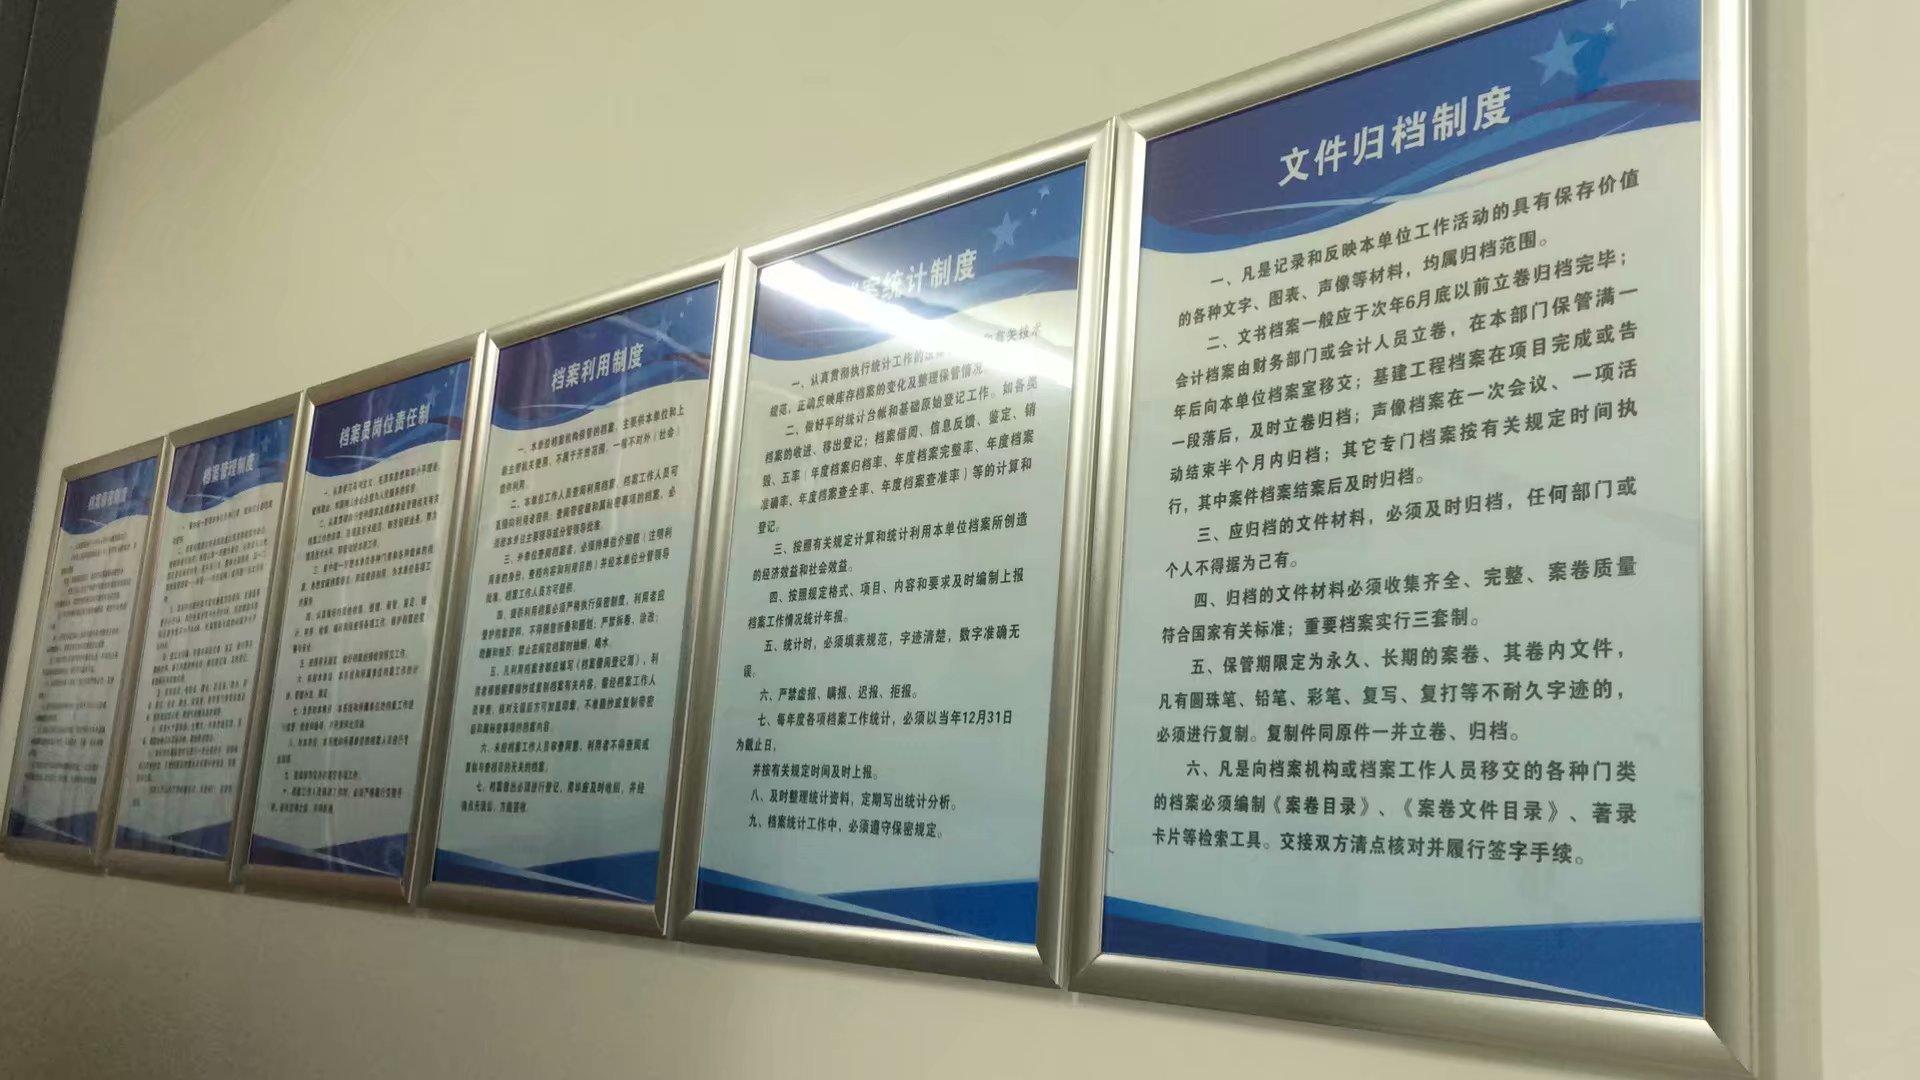 咸安区统战部上墙资料(图4)